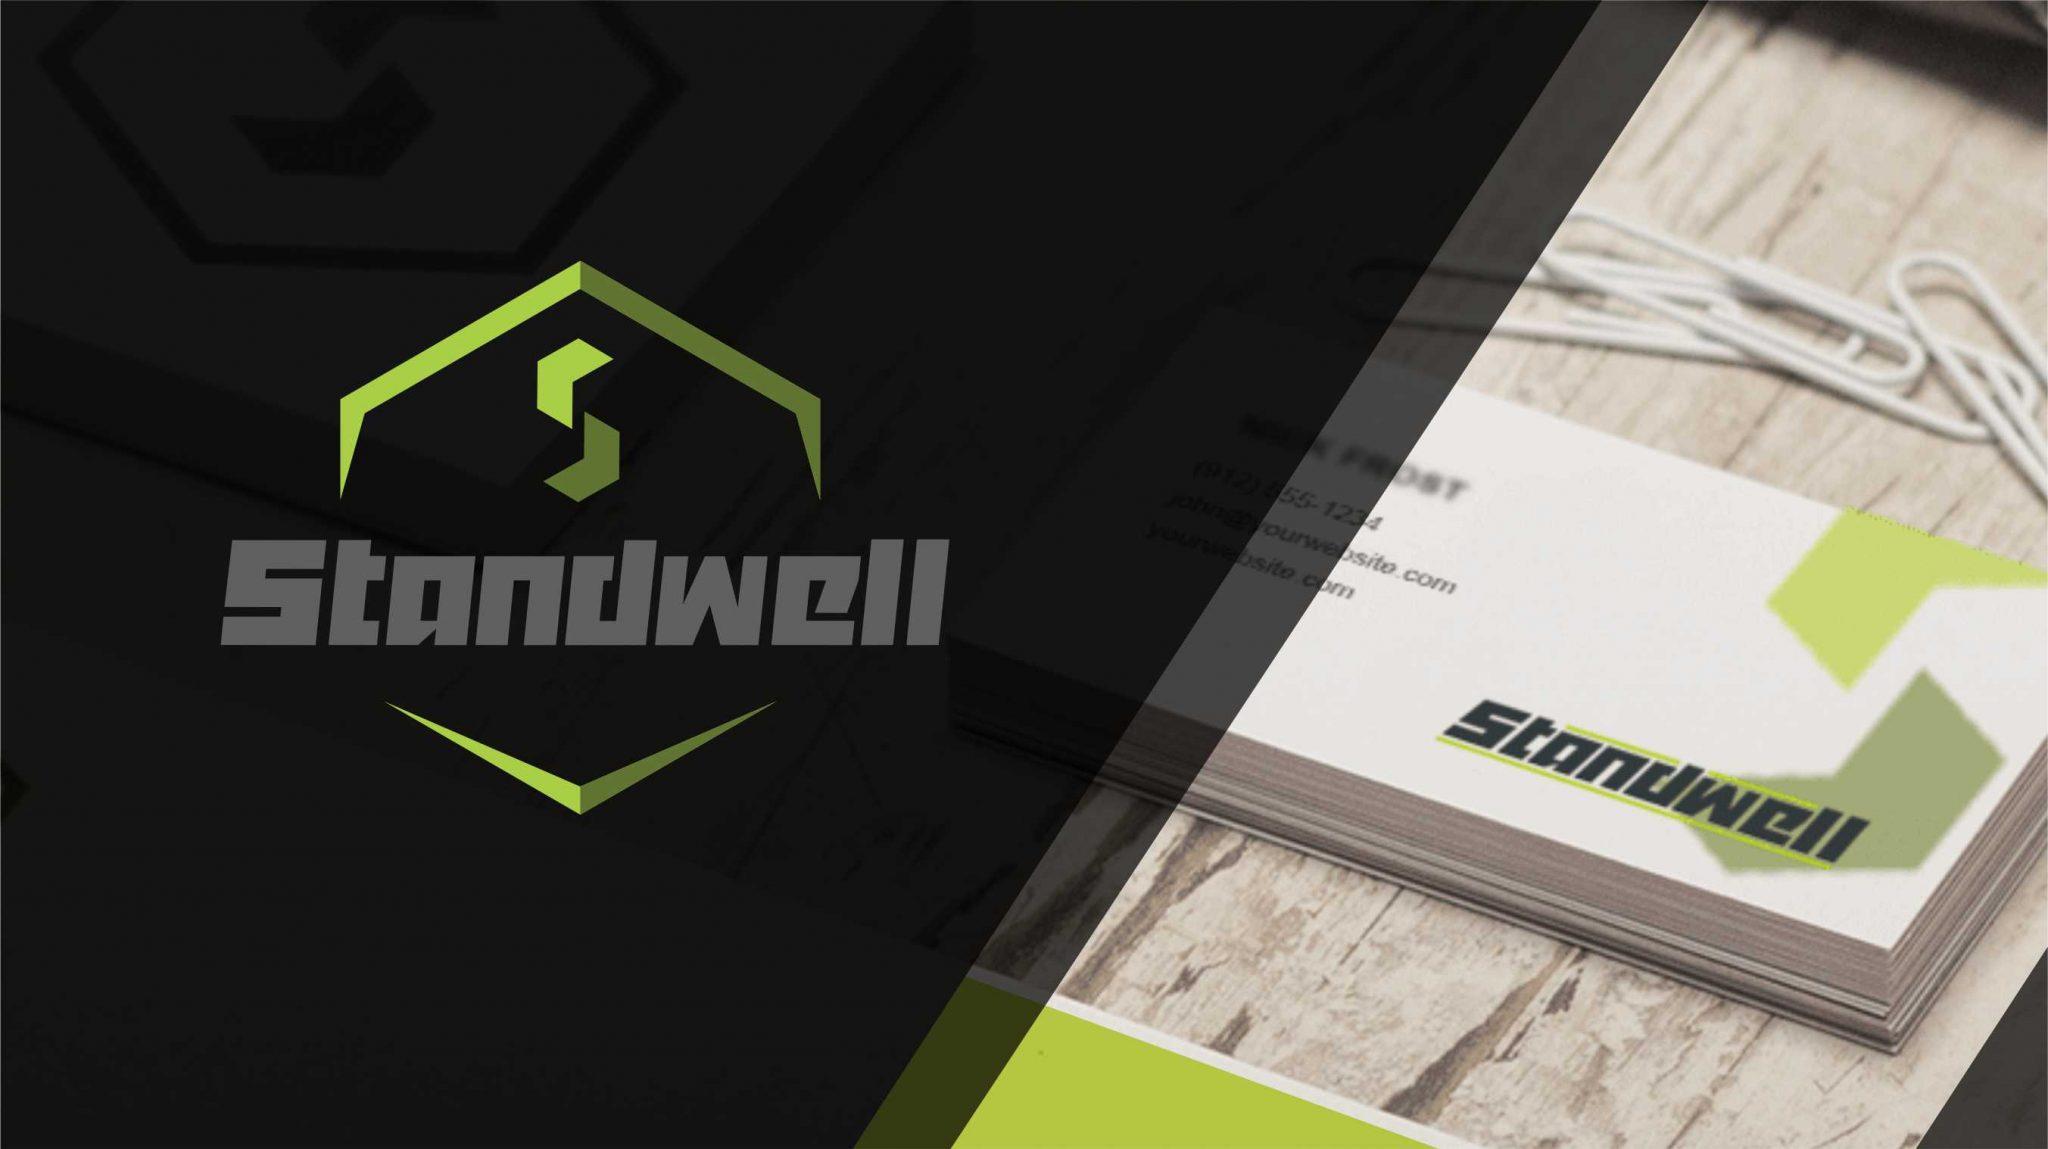 Standwell telefon firma identitet